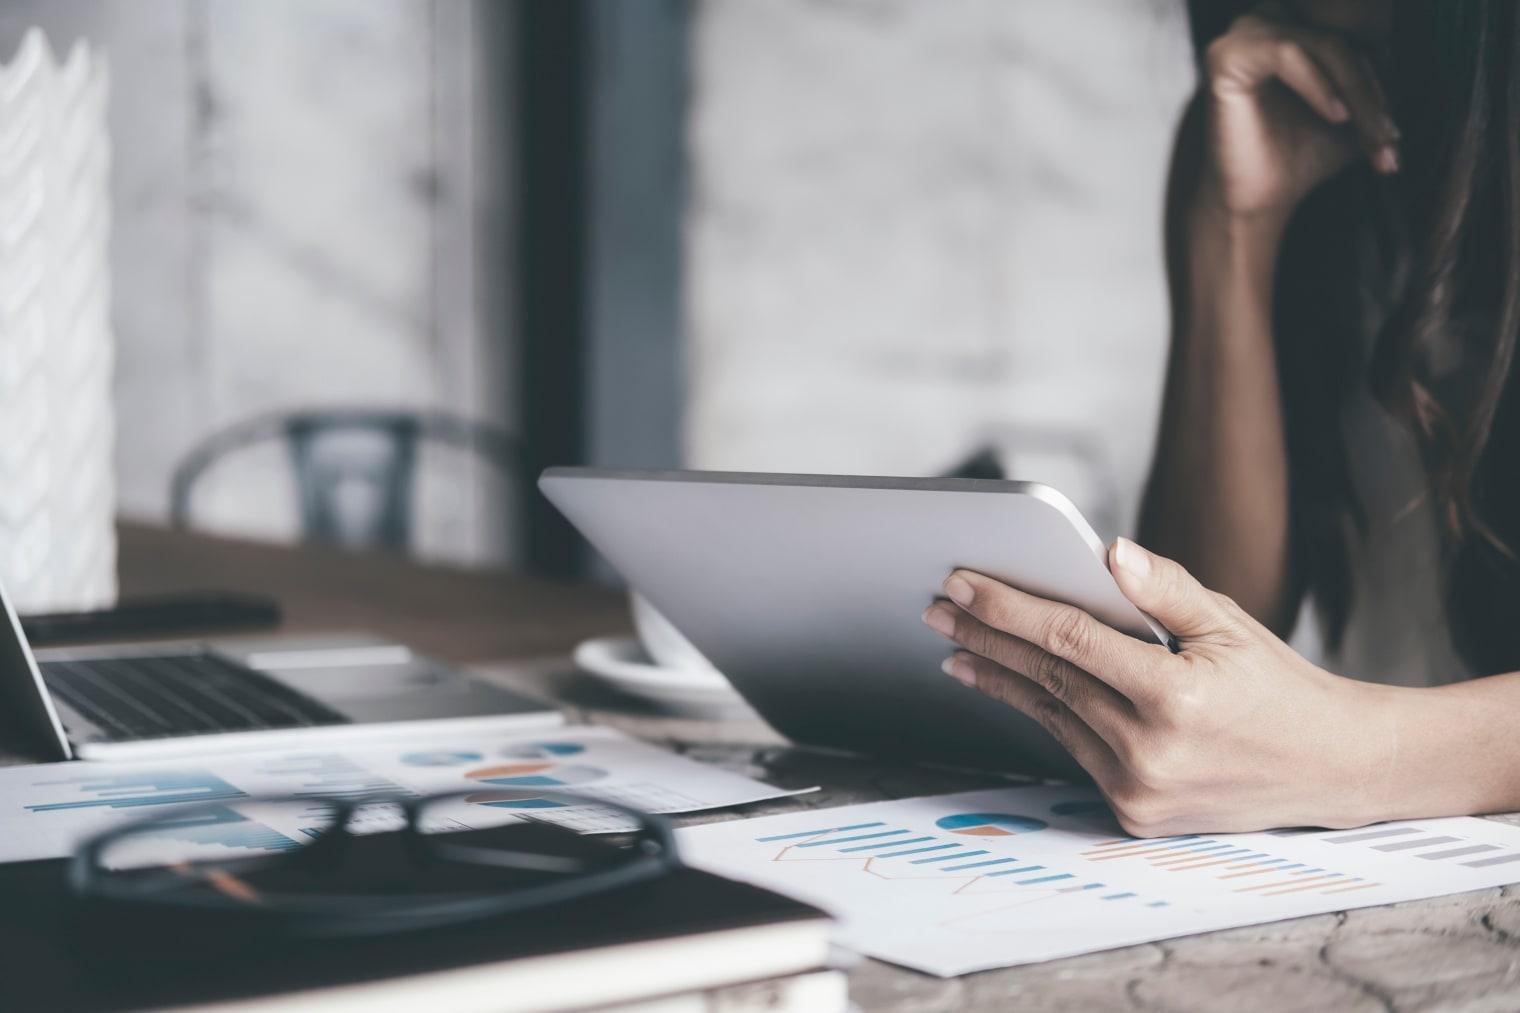 Una donna è seduta alla scrivania e guarda pensierosa un tablet, sulla scrivania ci sono dei fogli con diagrammi e un computer portatile.